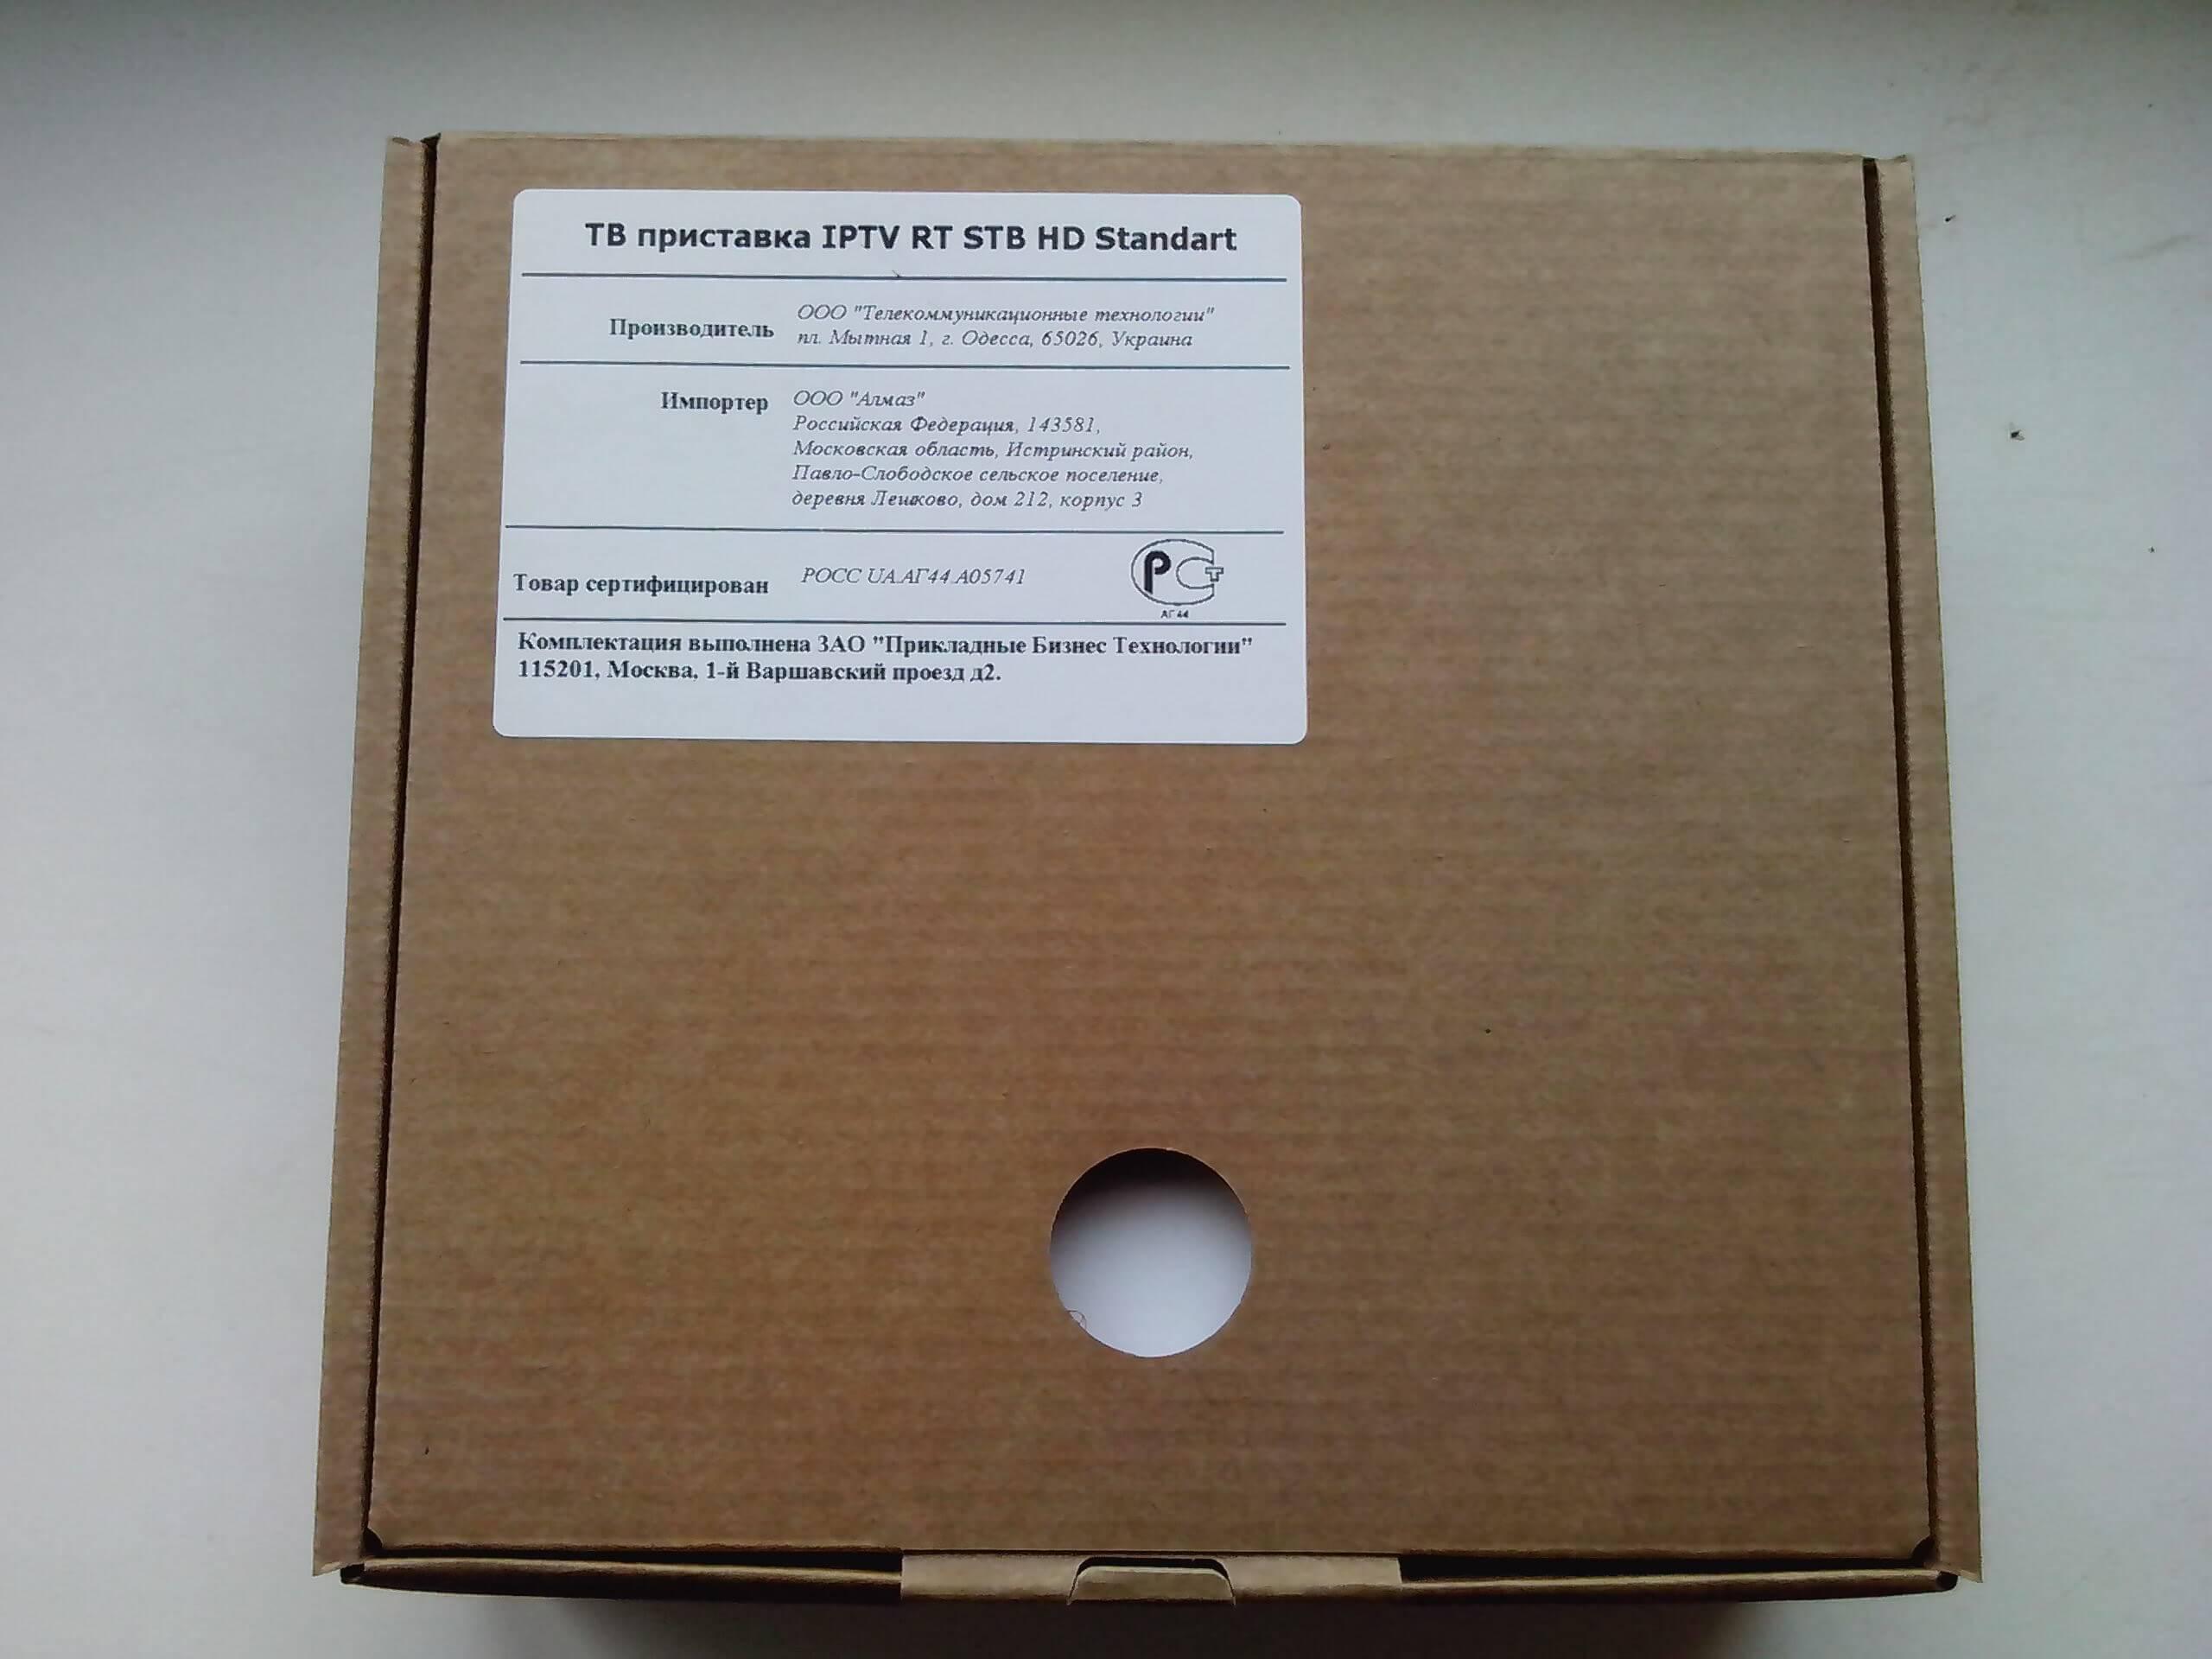 ростелеком motorola vip1003 инструкция пользователя